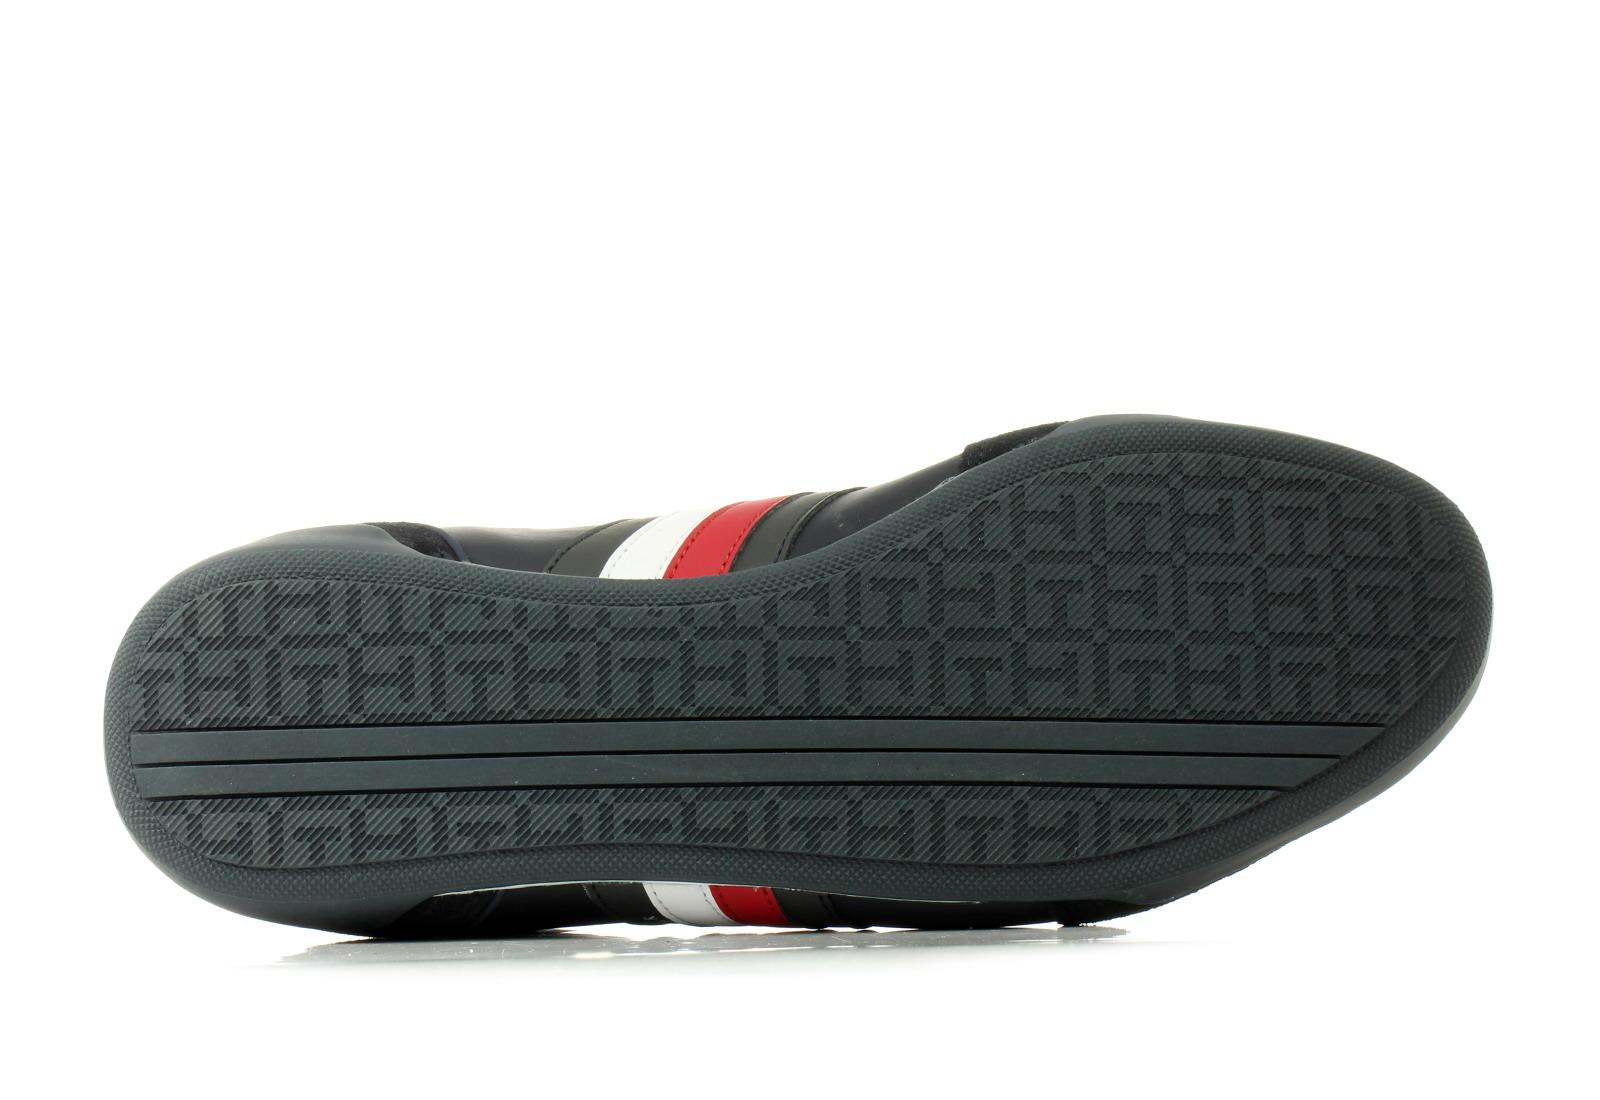 Tommy Hilfiger Cipő - Royal 6c - 19S-2046-403 - Office Shoes ... de571face8